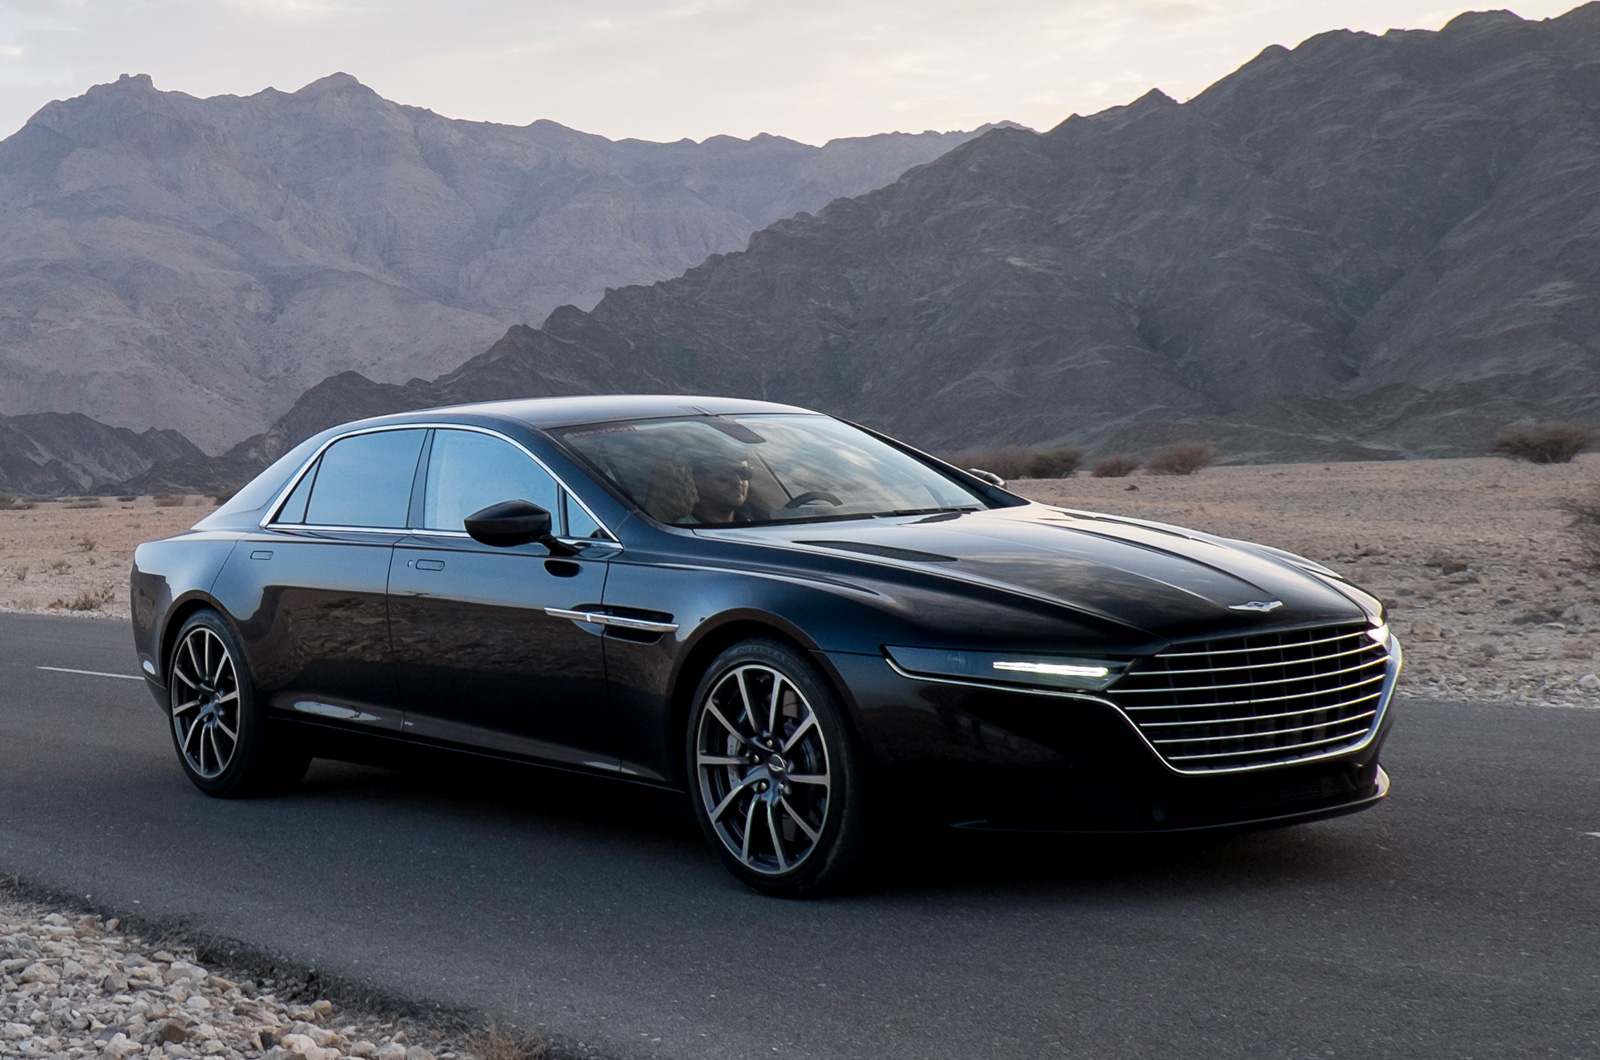 New Aston Martin Lagonda First Photos The Dippy Car Files